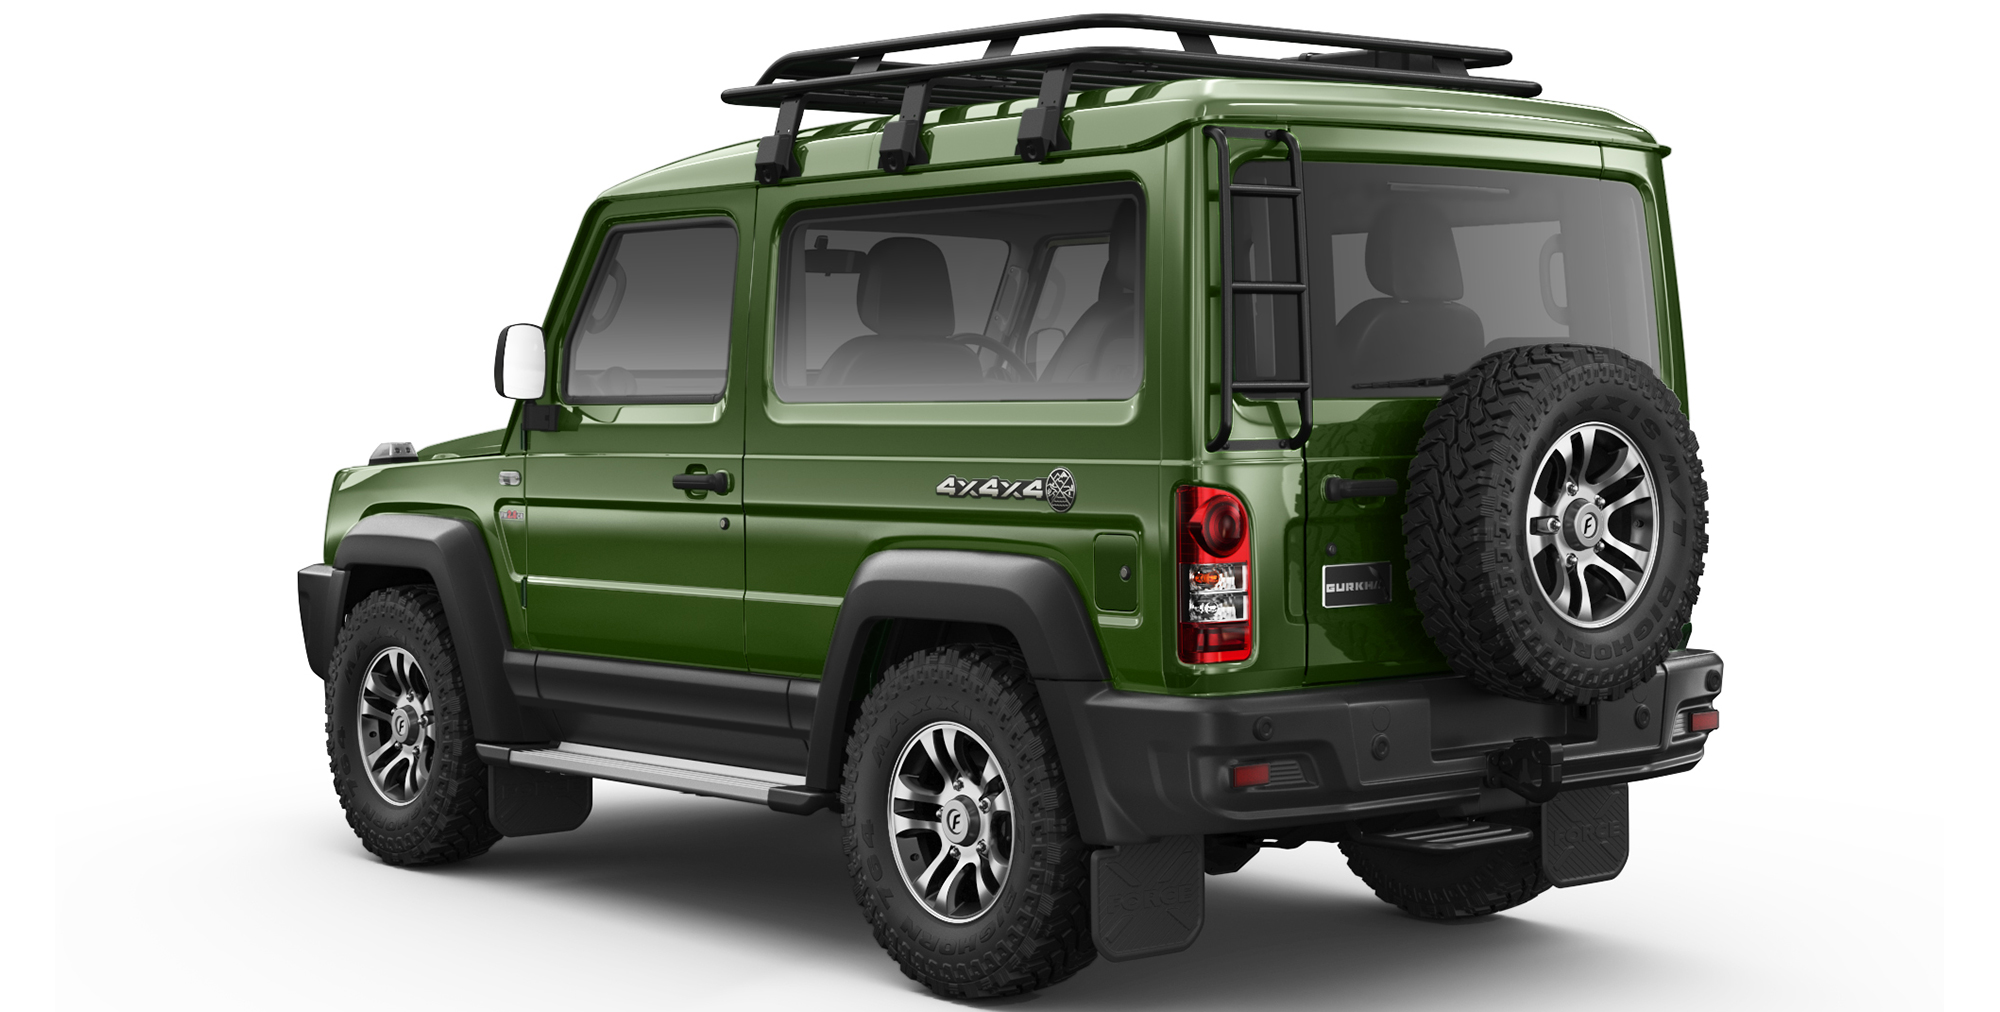 Green Colour Gurkha 4x4x4 car with Rear Ladder